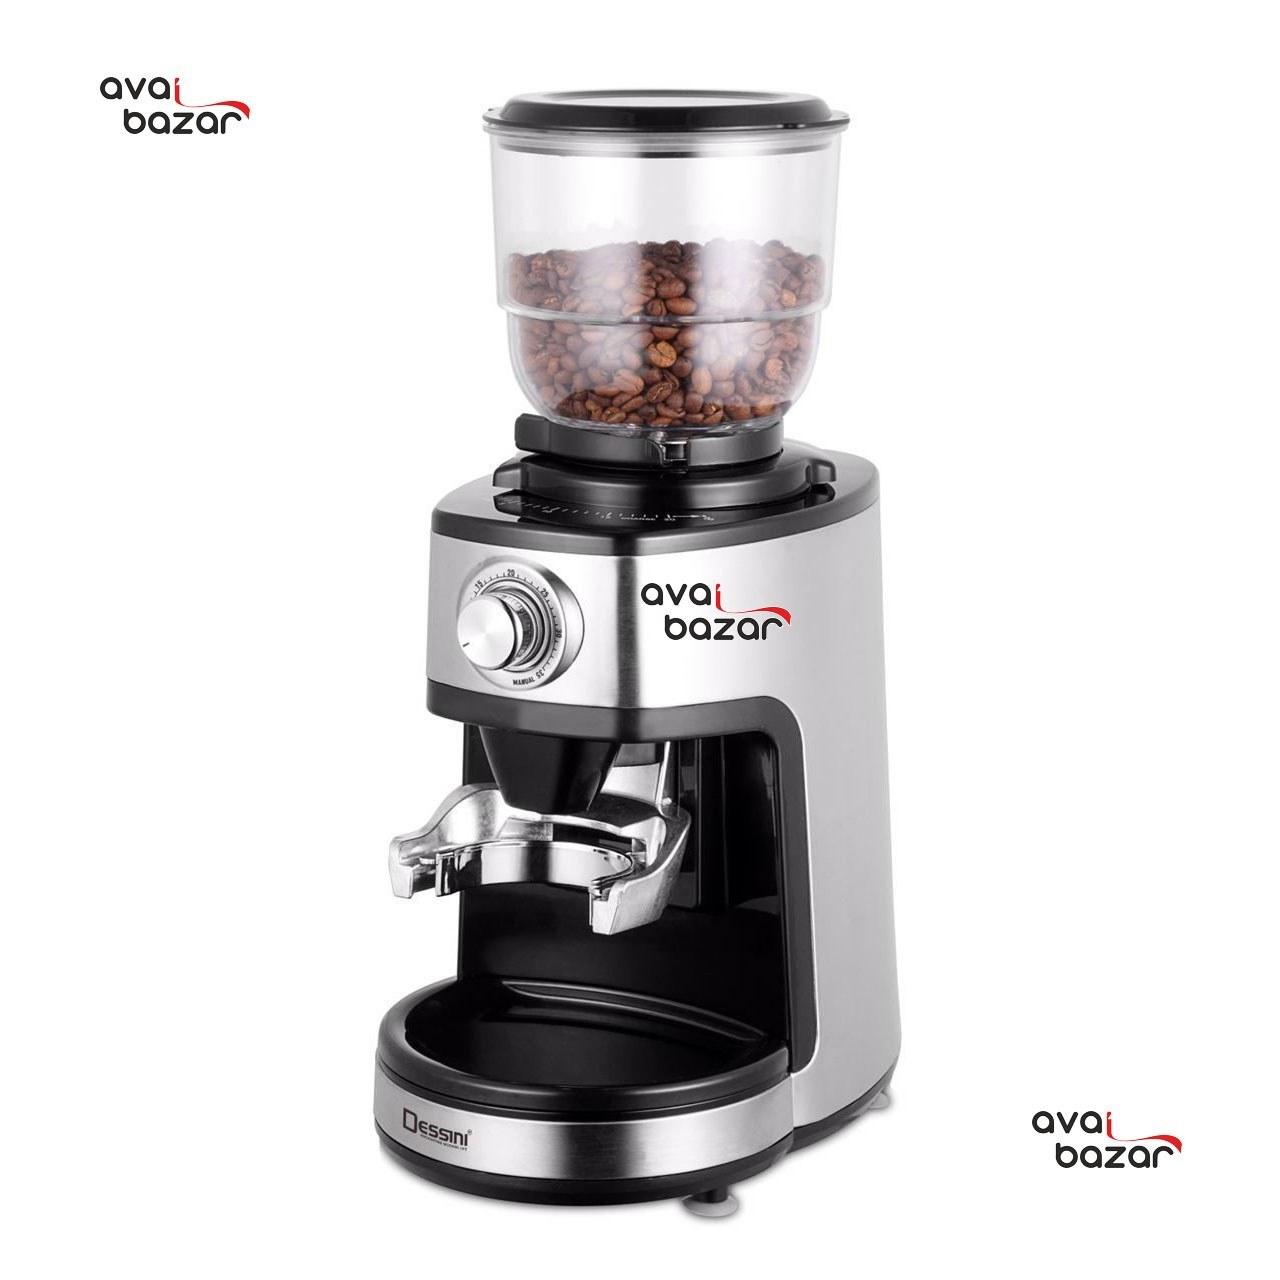 تصویر آسیاب قهوه بزرگ دسینی مدل 5050